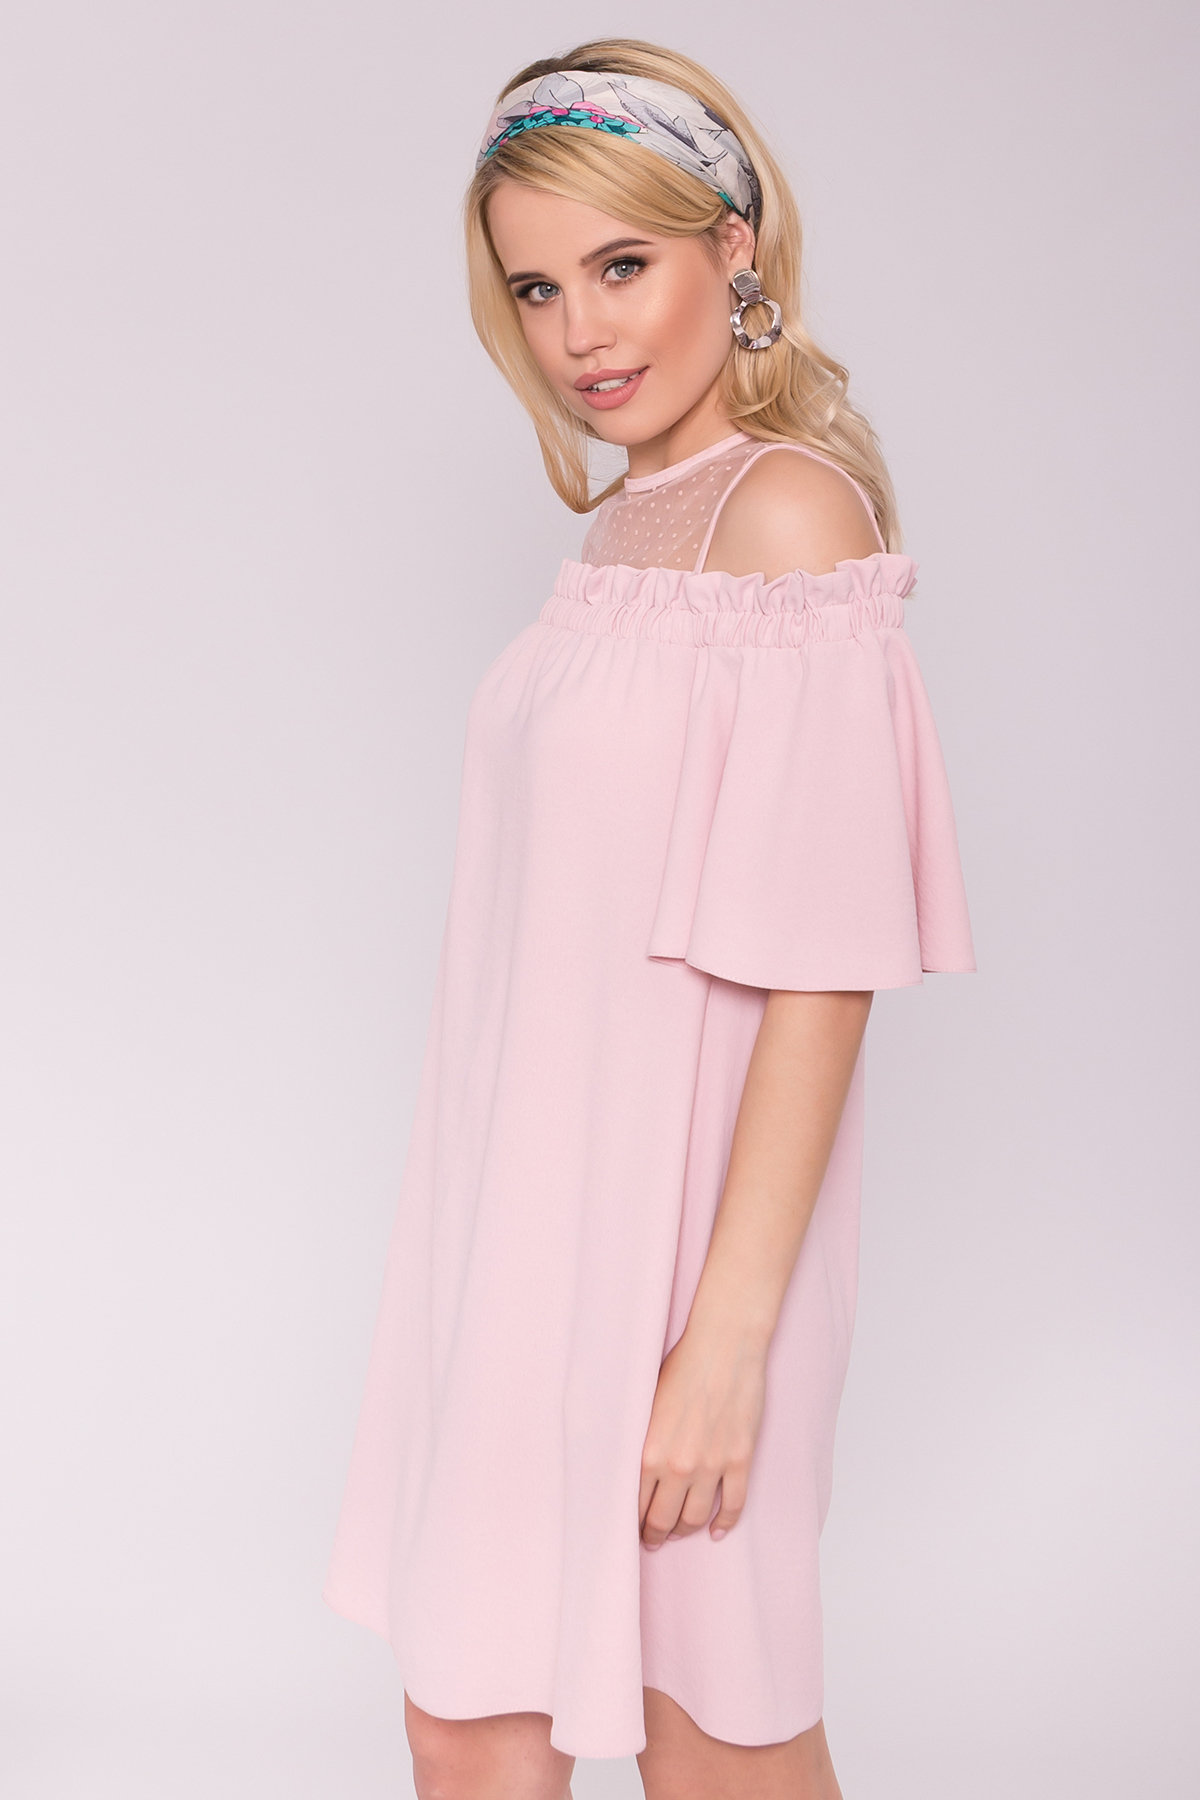 Платье Молена 7138 АРТ. 42780 Цвет: Пудра 3 - фото 3, интернет магазин tm-modus.ru